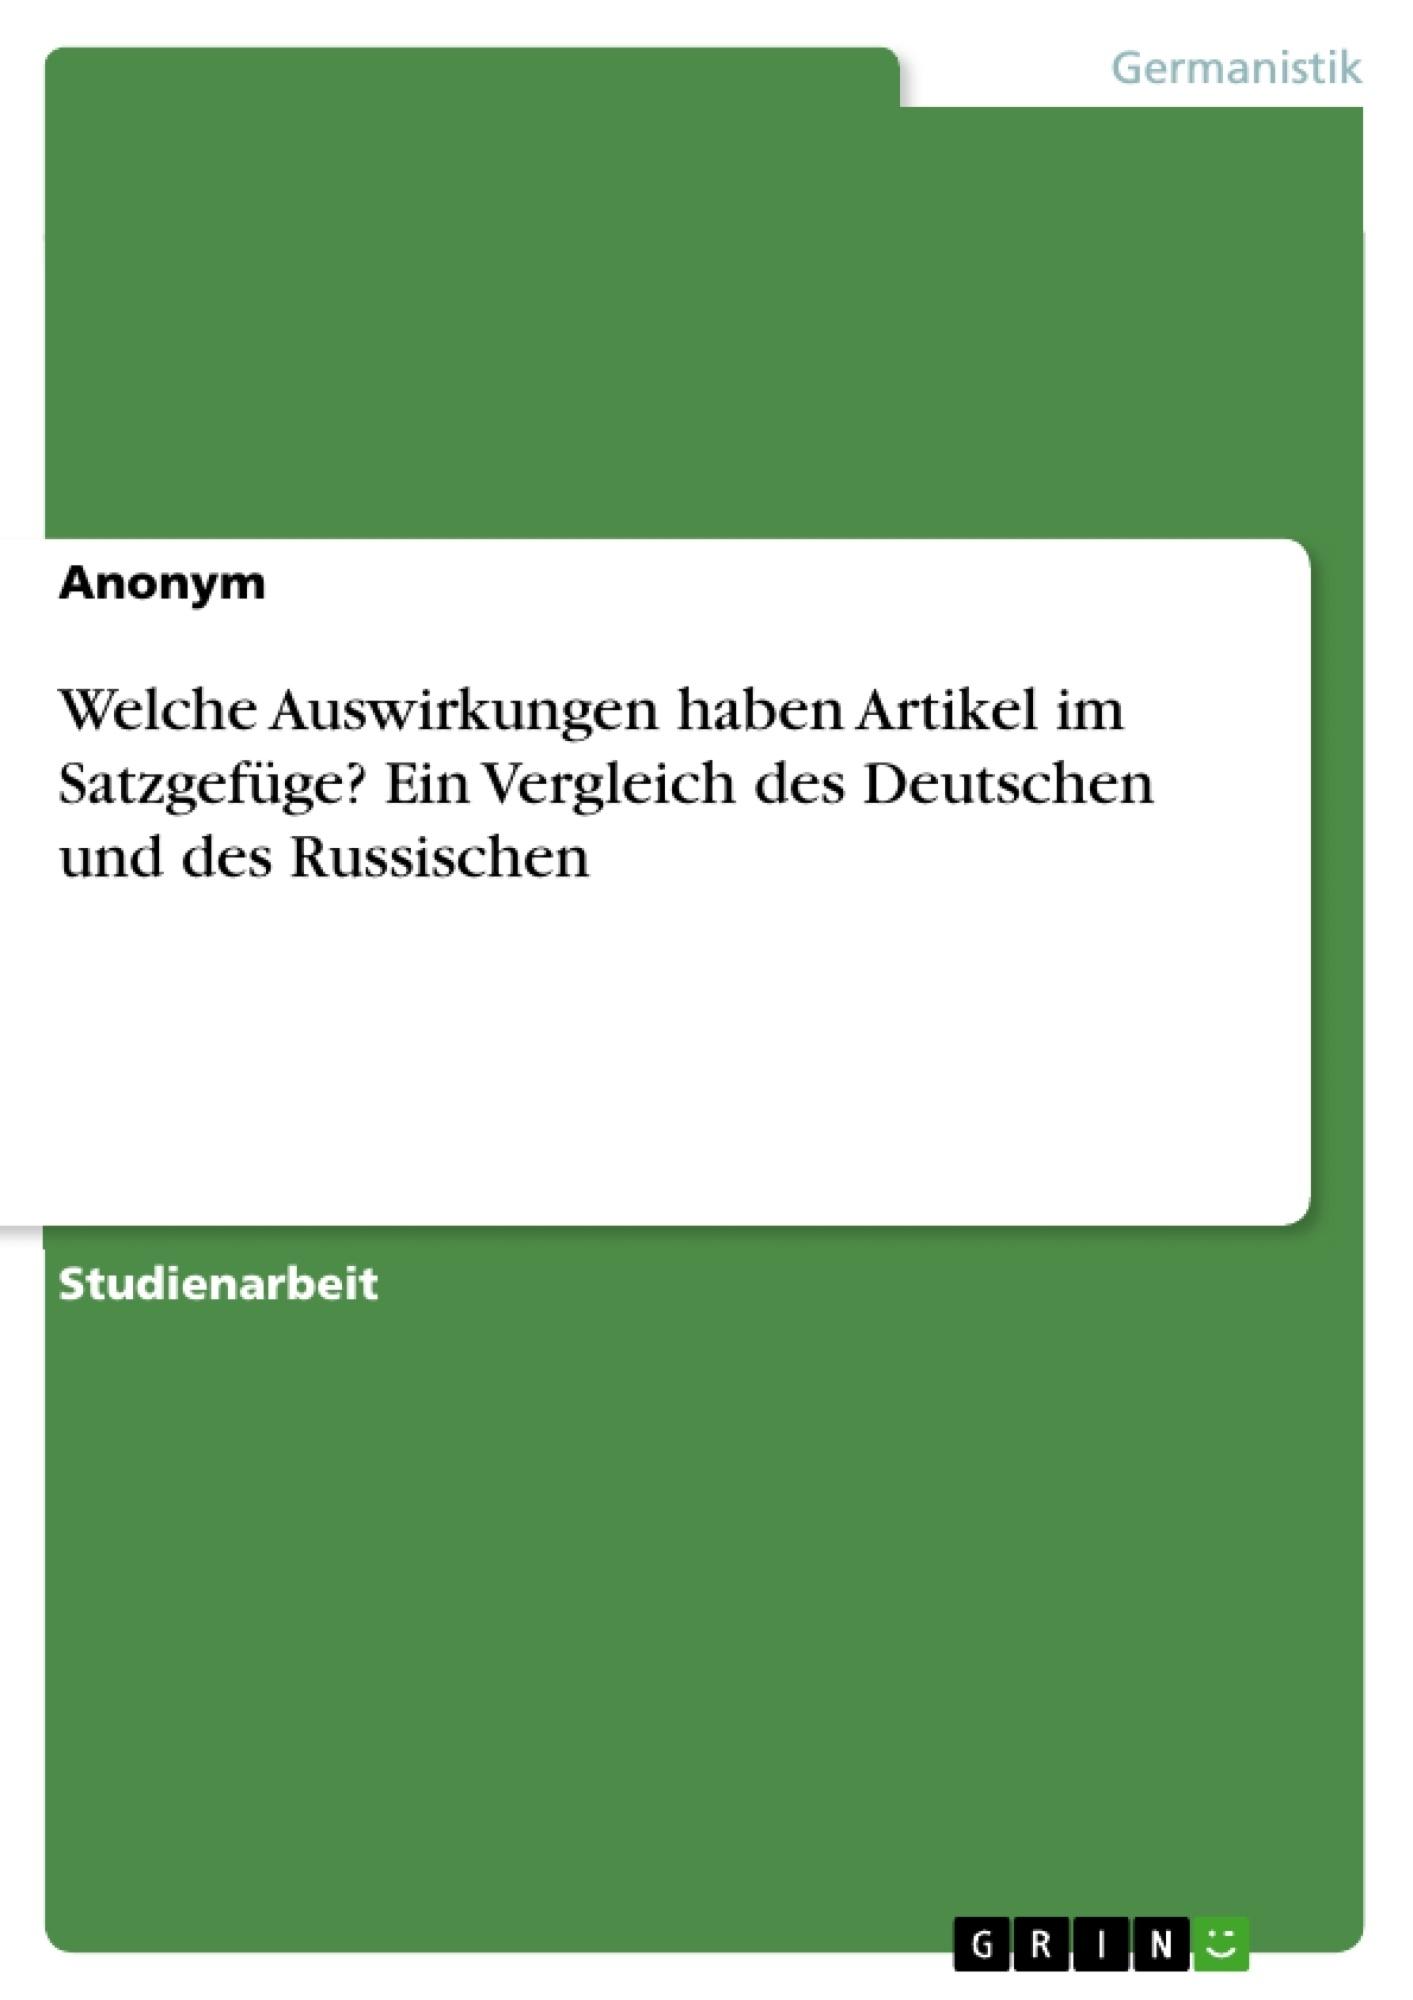 Titel: Welche Auswirkungen haben Artikel im Satzgefüge? Ein Vergleich des Deutschen und des Russischen